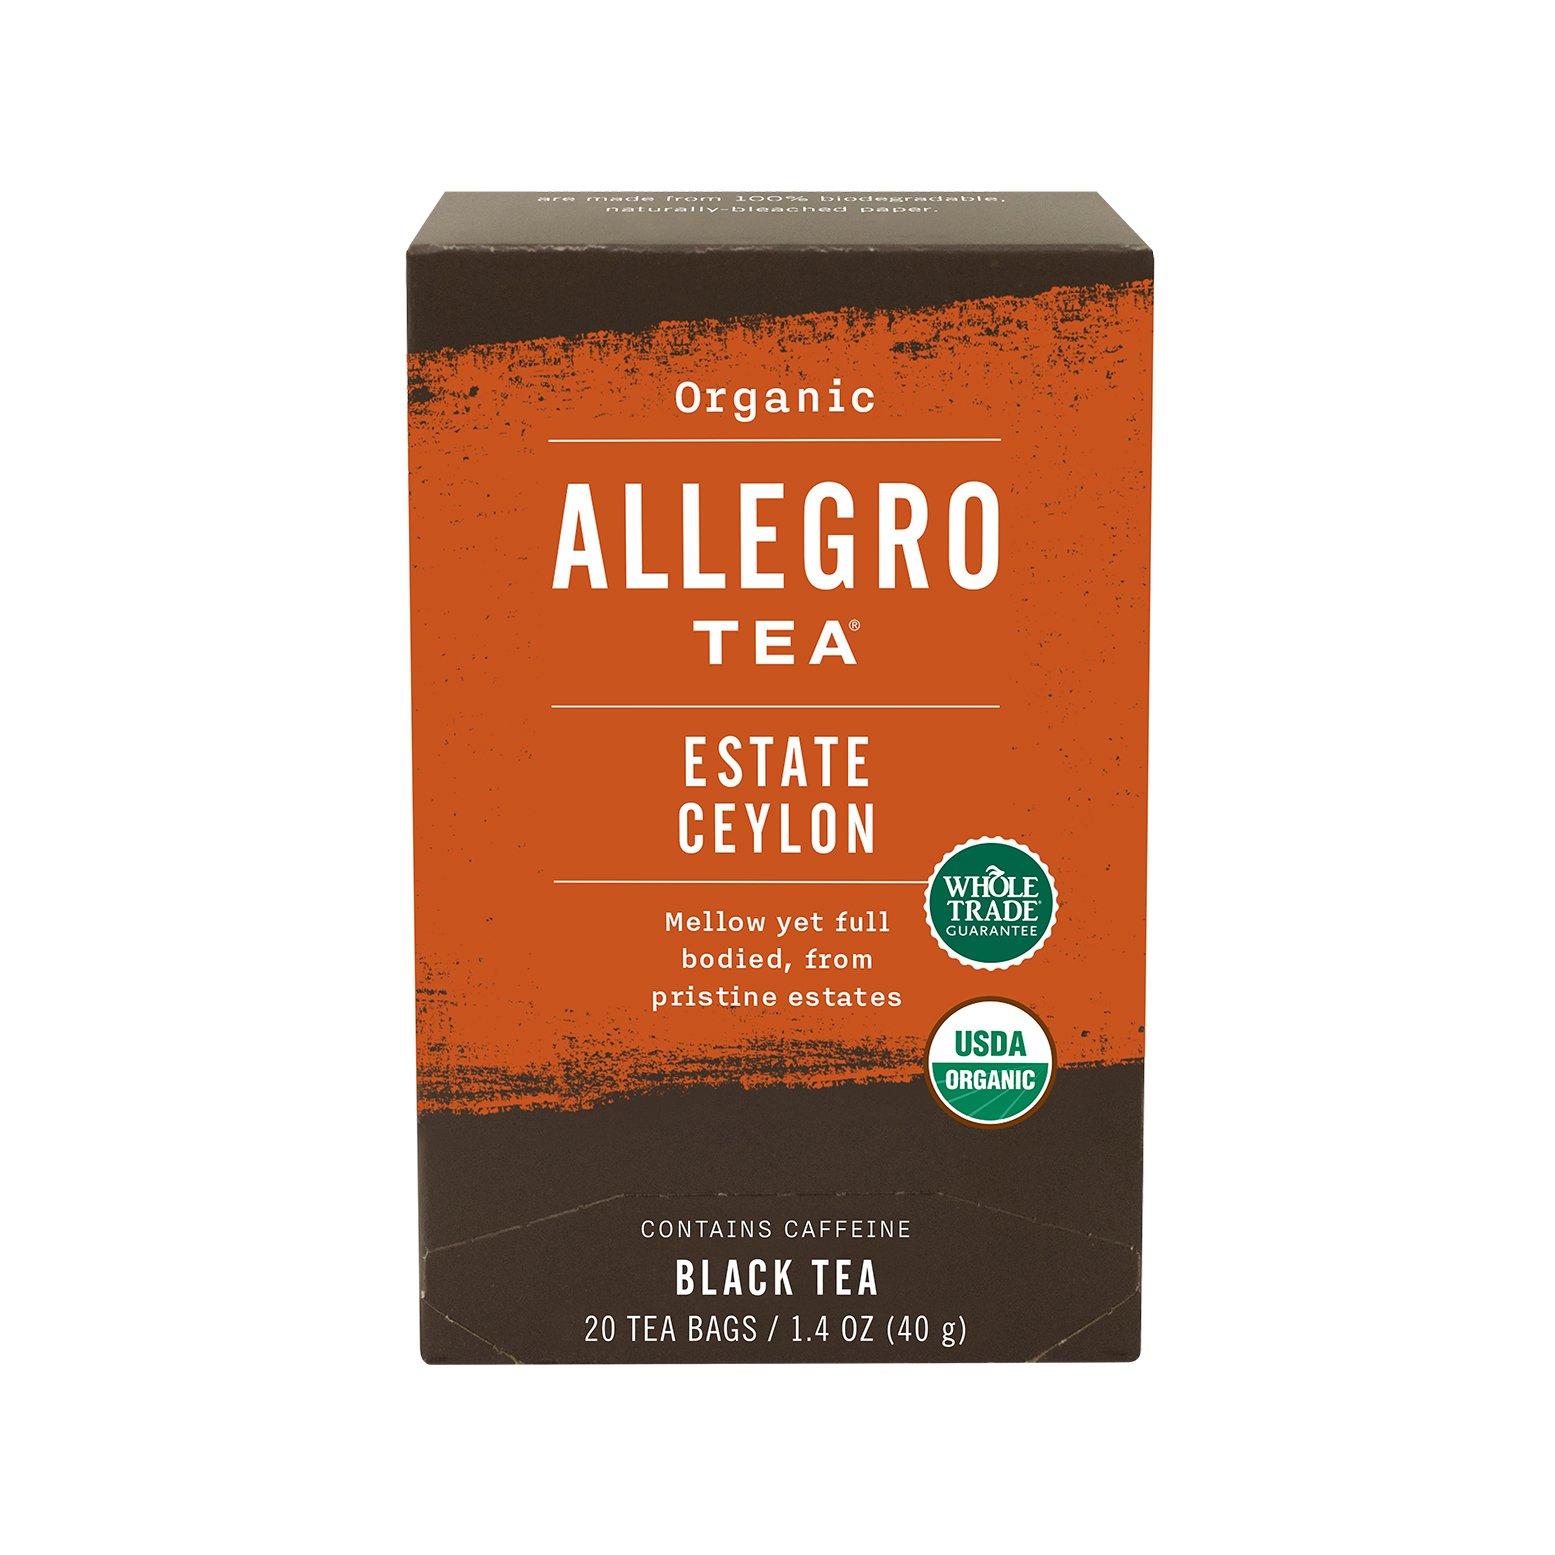 Allegro Tea, Organic Estate Ceylon Tea Bags, 20 ct